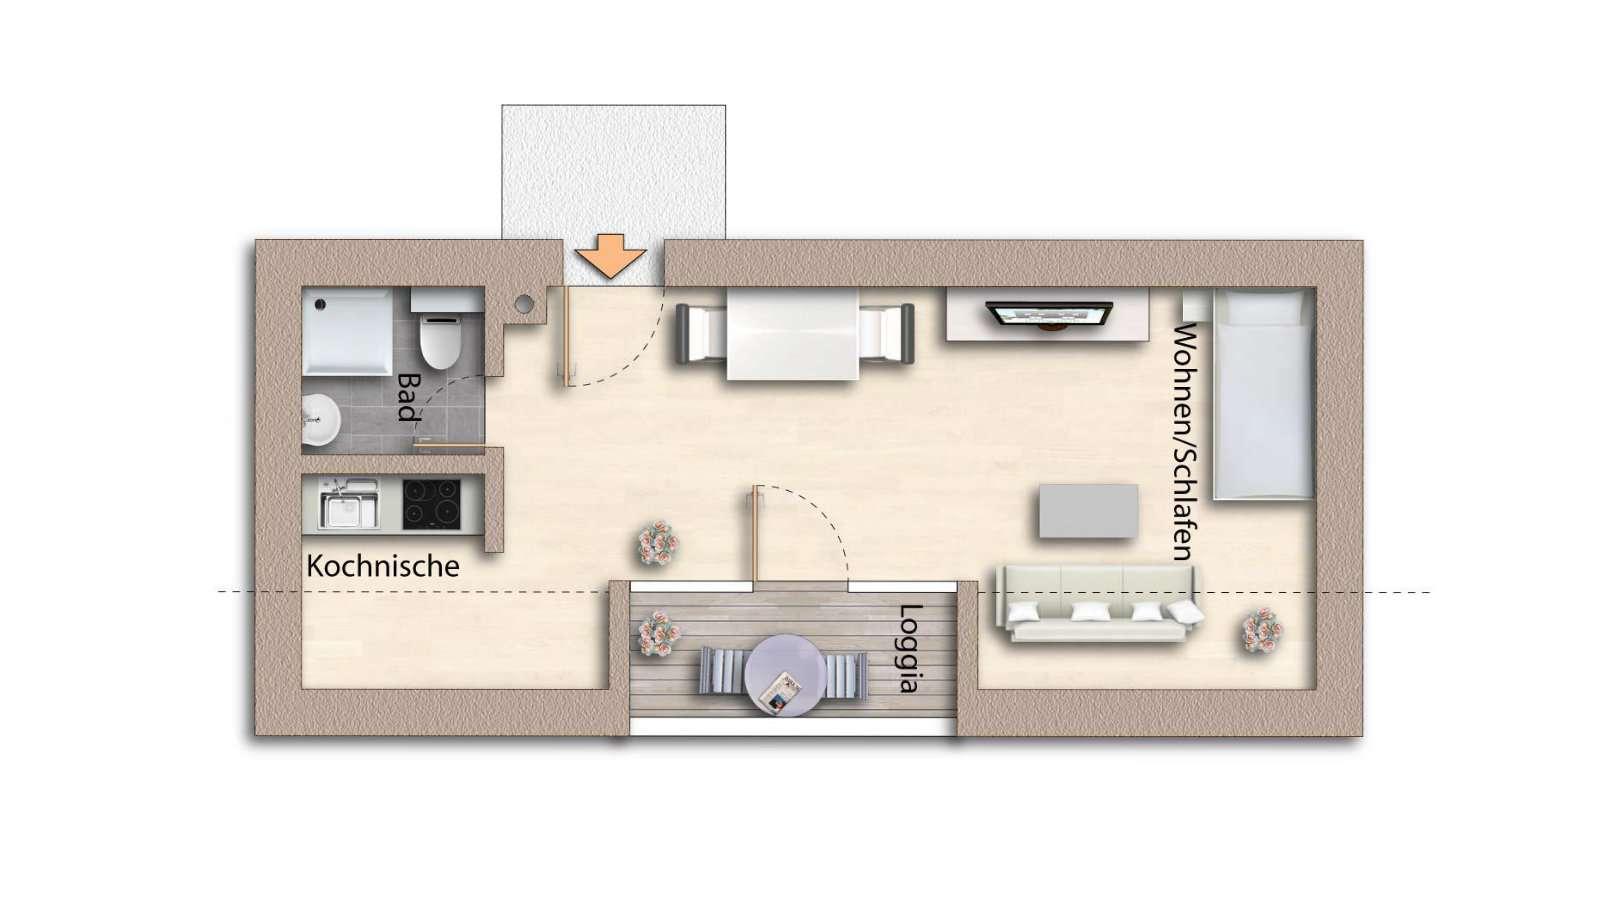 Schöne Wohnung in Stadtamhof ! in Stadtamhof (Regensburg)